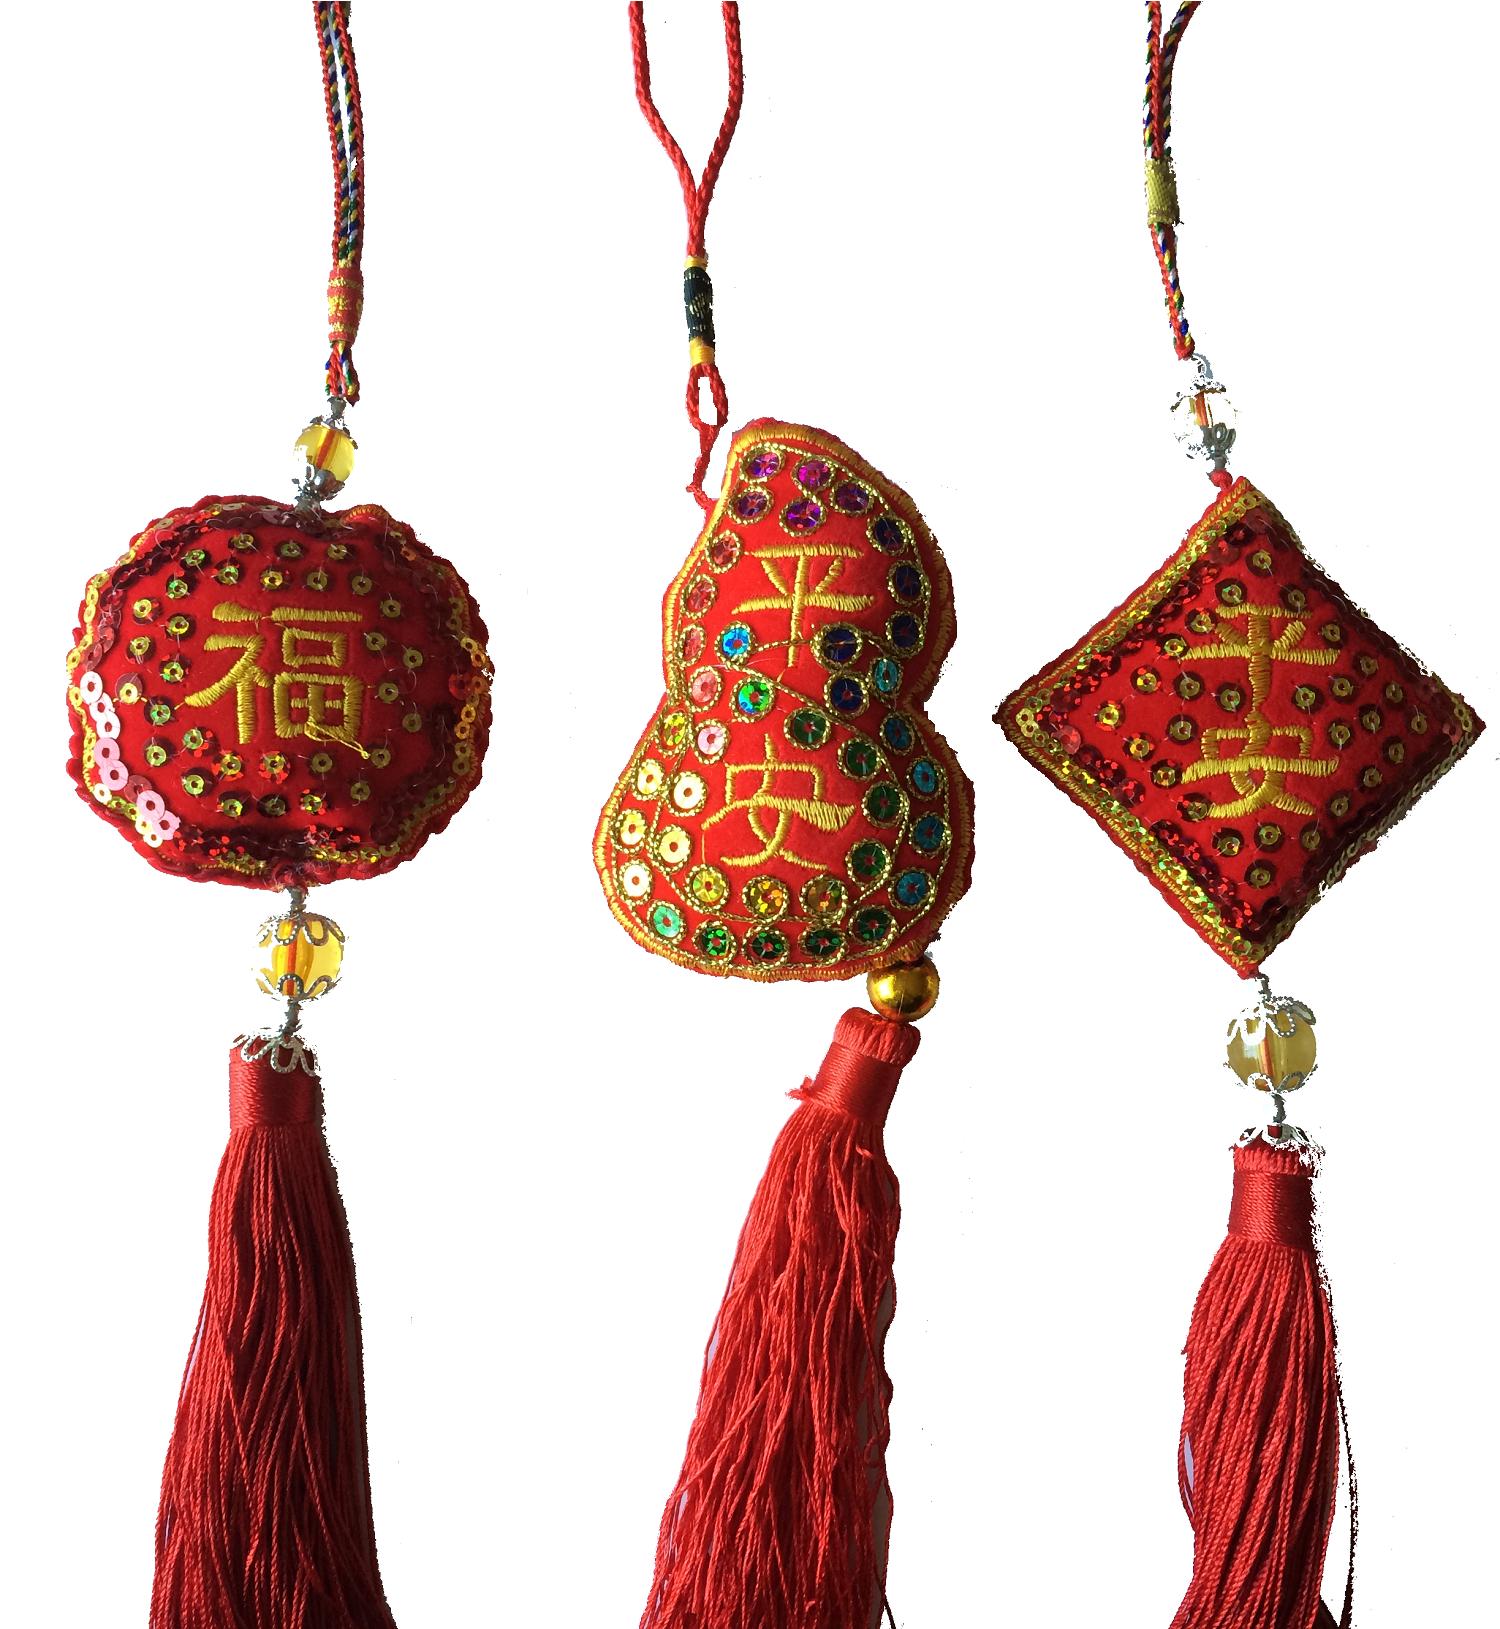 3 amulettes porte bonheur richesse paix sant feng shui 2018 amulettes talismans. Black Bedroom Furniture Sets. Home Design Ideas